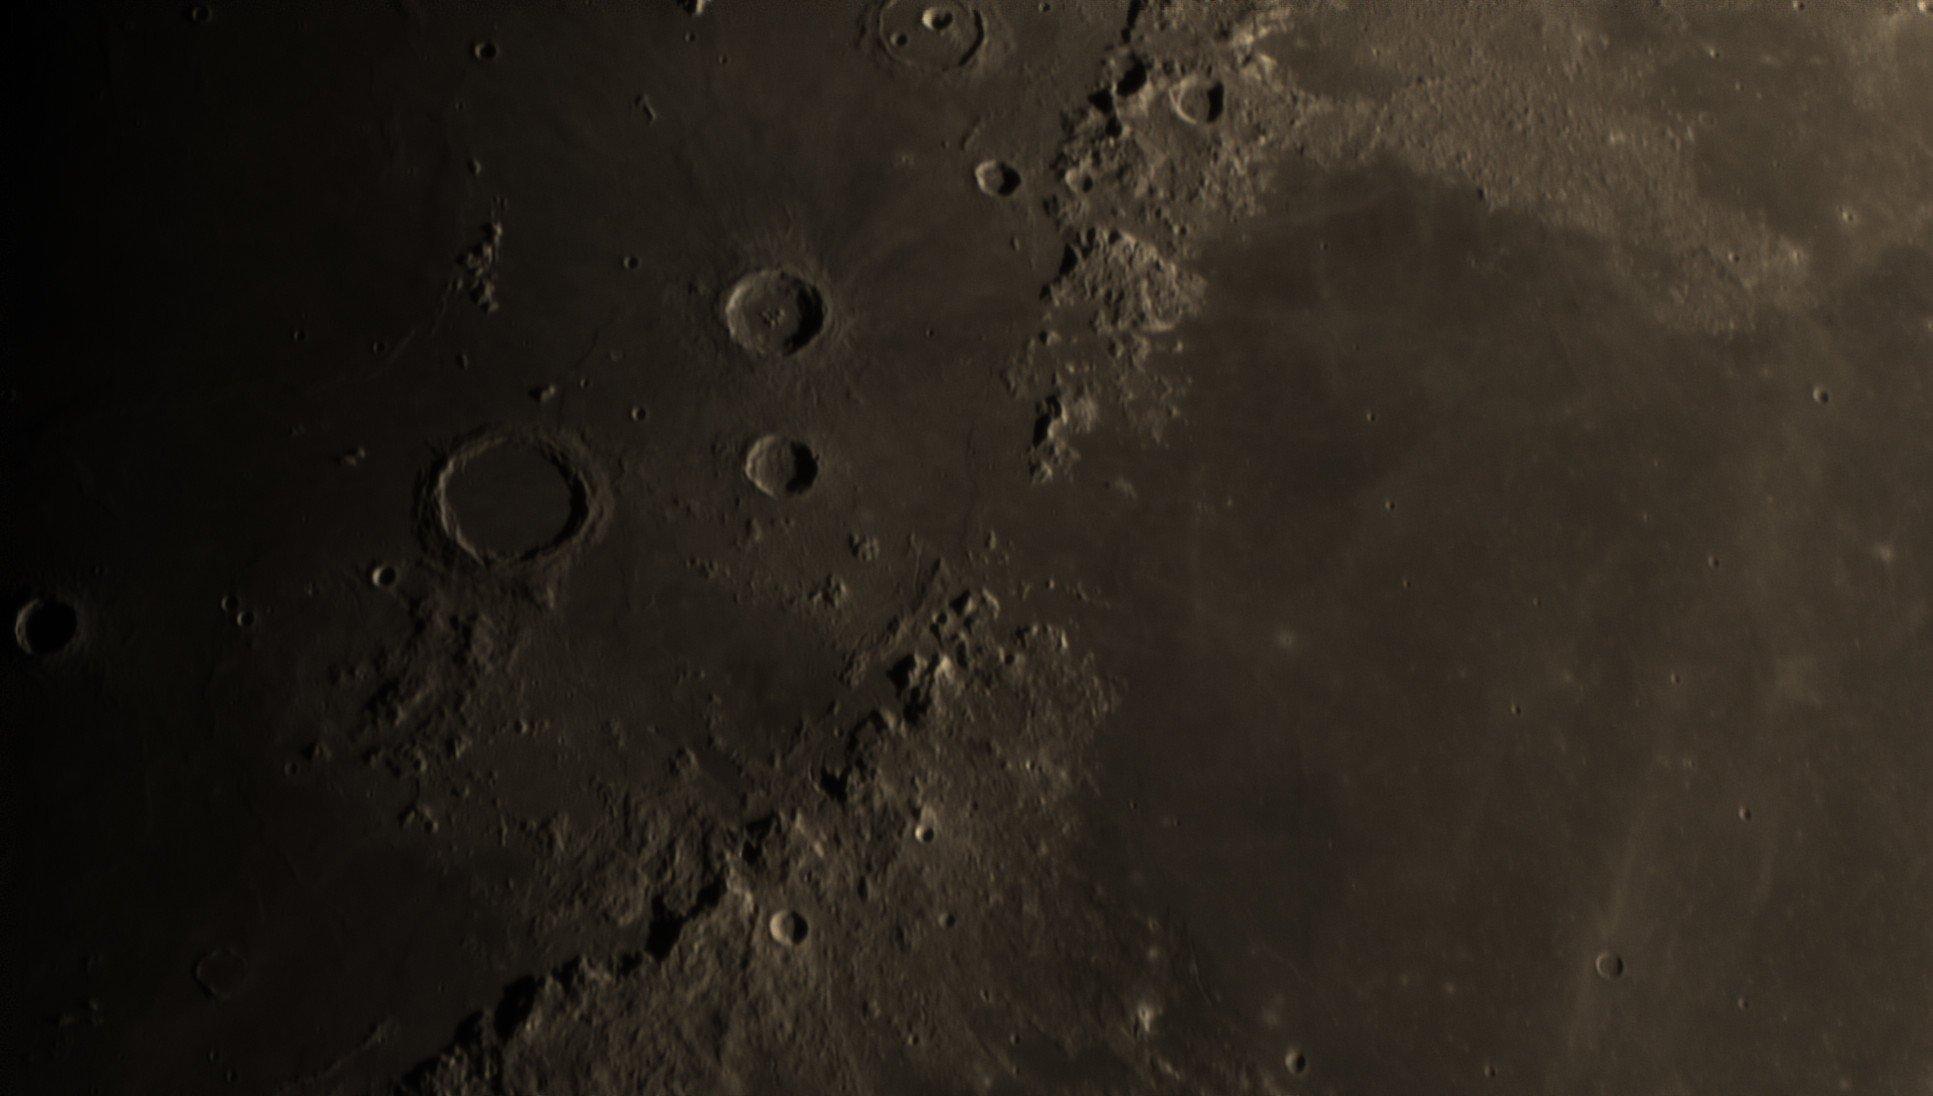 2021-08-16-2010 9-Moon Lapl5 Ap14 Conv 1